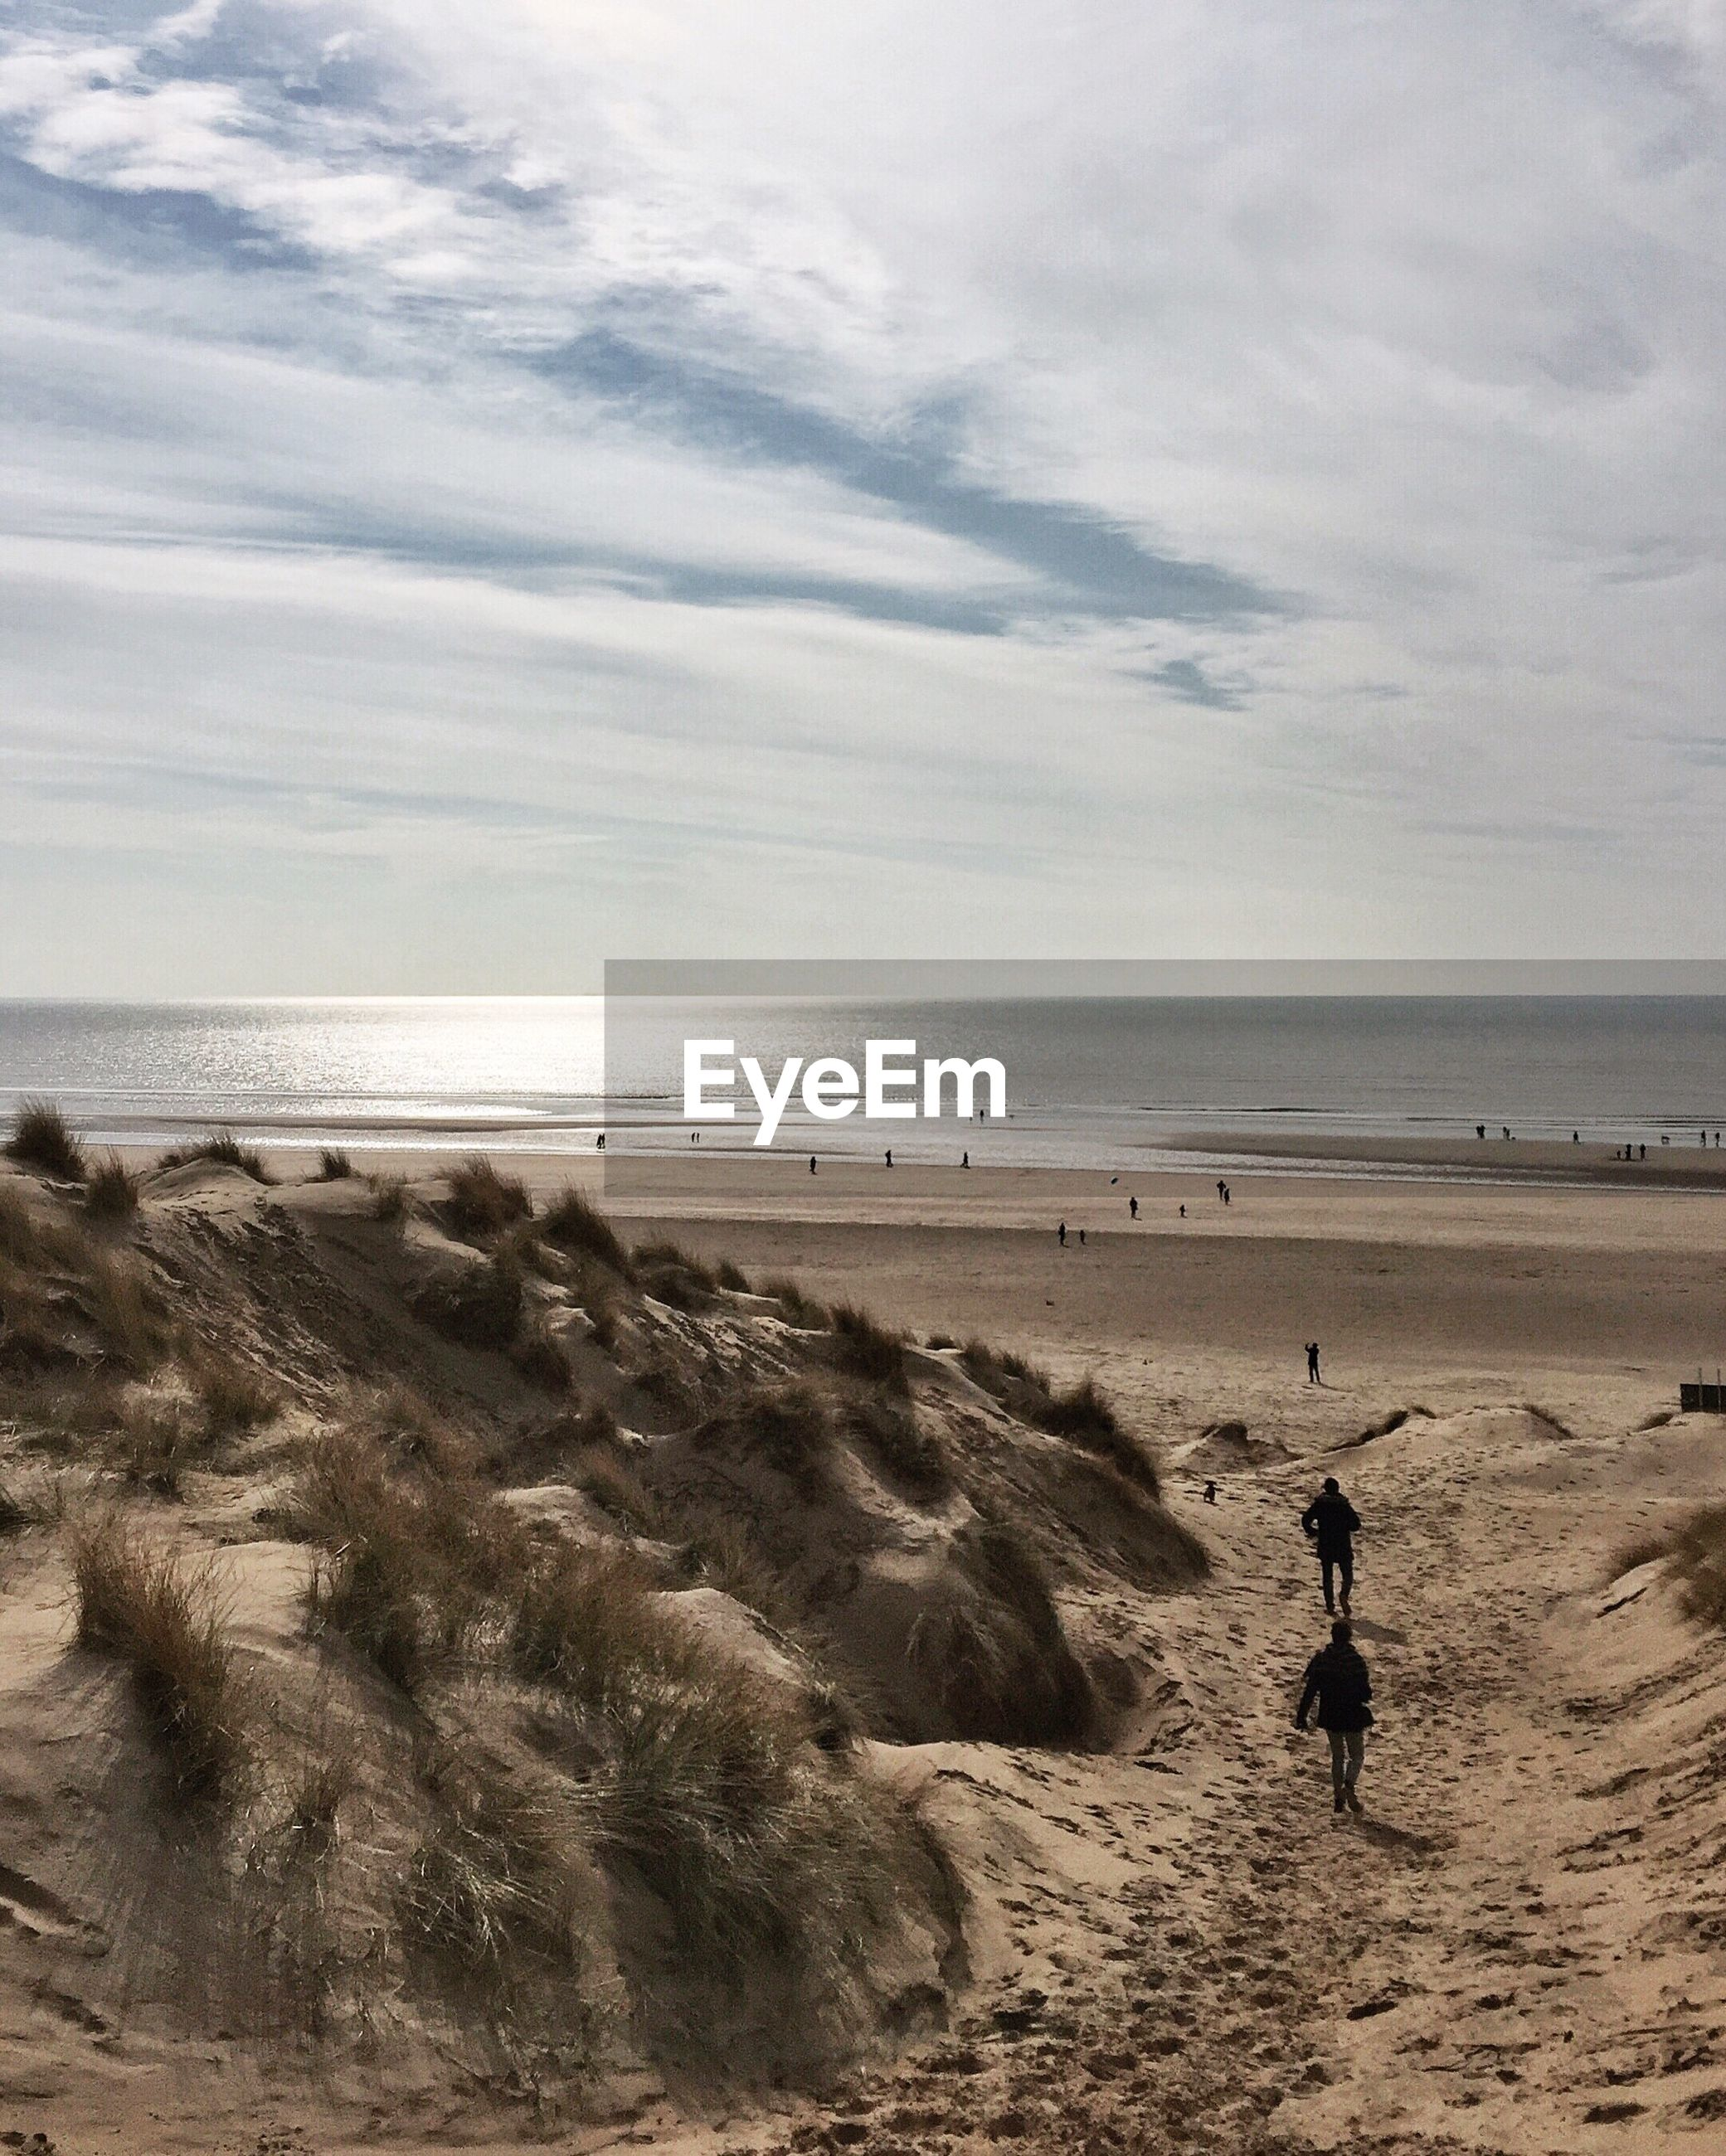 Sand dune at beach against sky